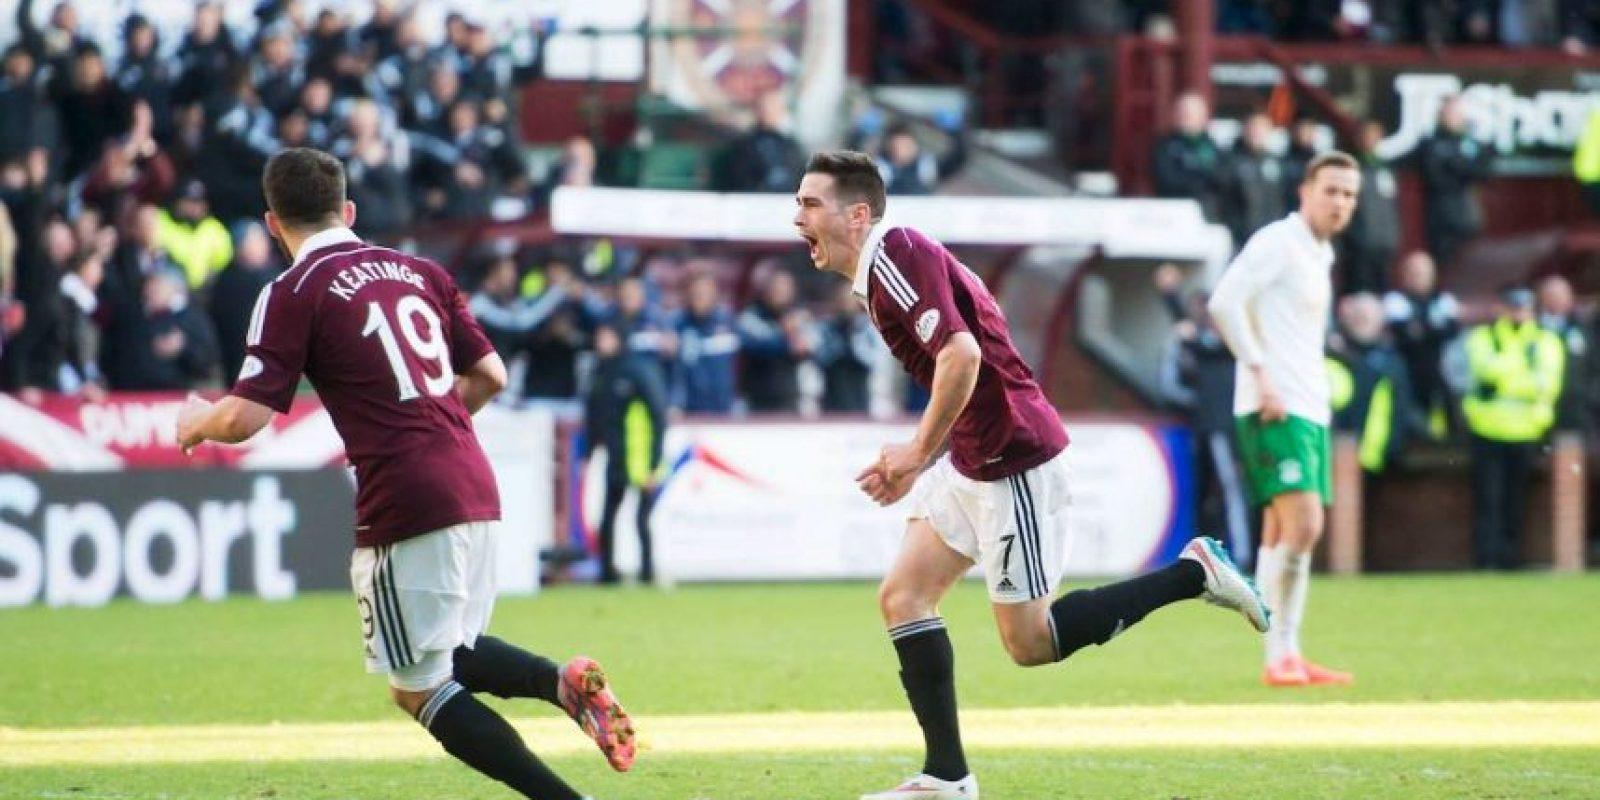 Juega en la Liga Premier de su país (equivalente a la Primera División). Foto:Vía facebook.com/OfficialHeartofMidlothianFC